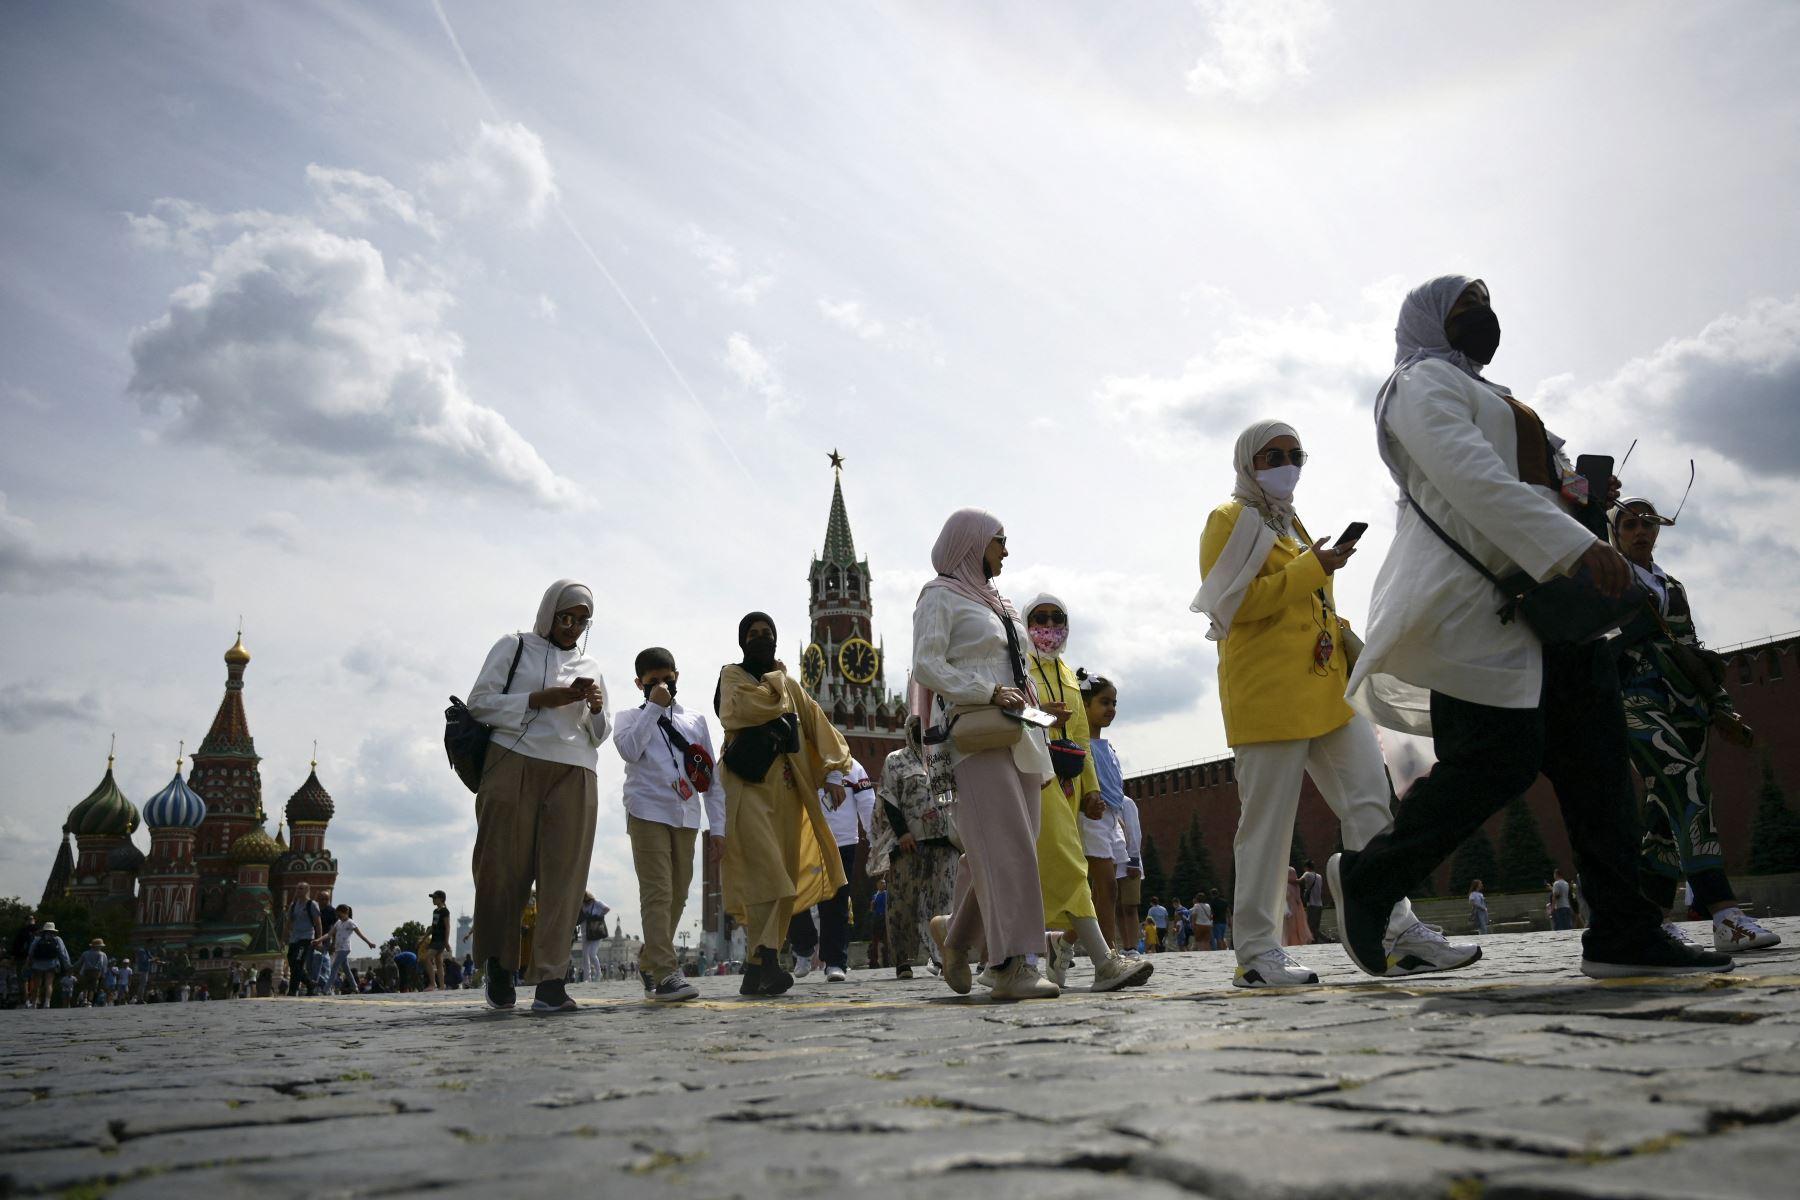 Turistas caminan con mascarillas para protegerse contra la covid-19 por la Plaza Roja en Moscú, Rusia. Foto: AFP